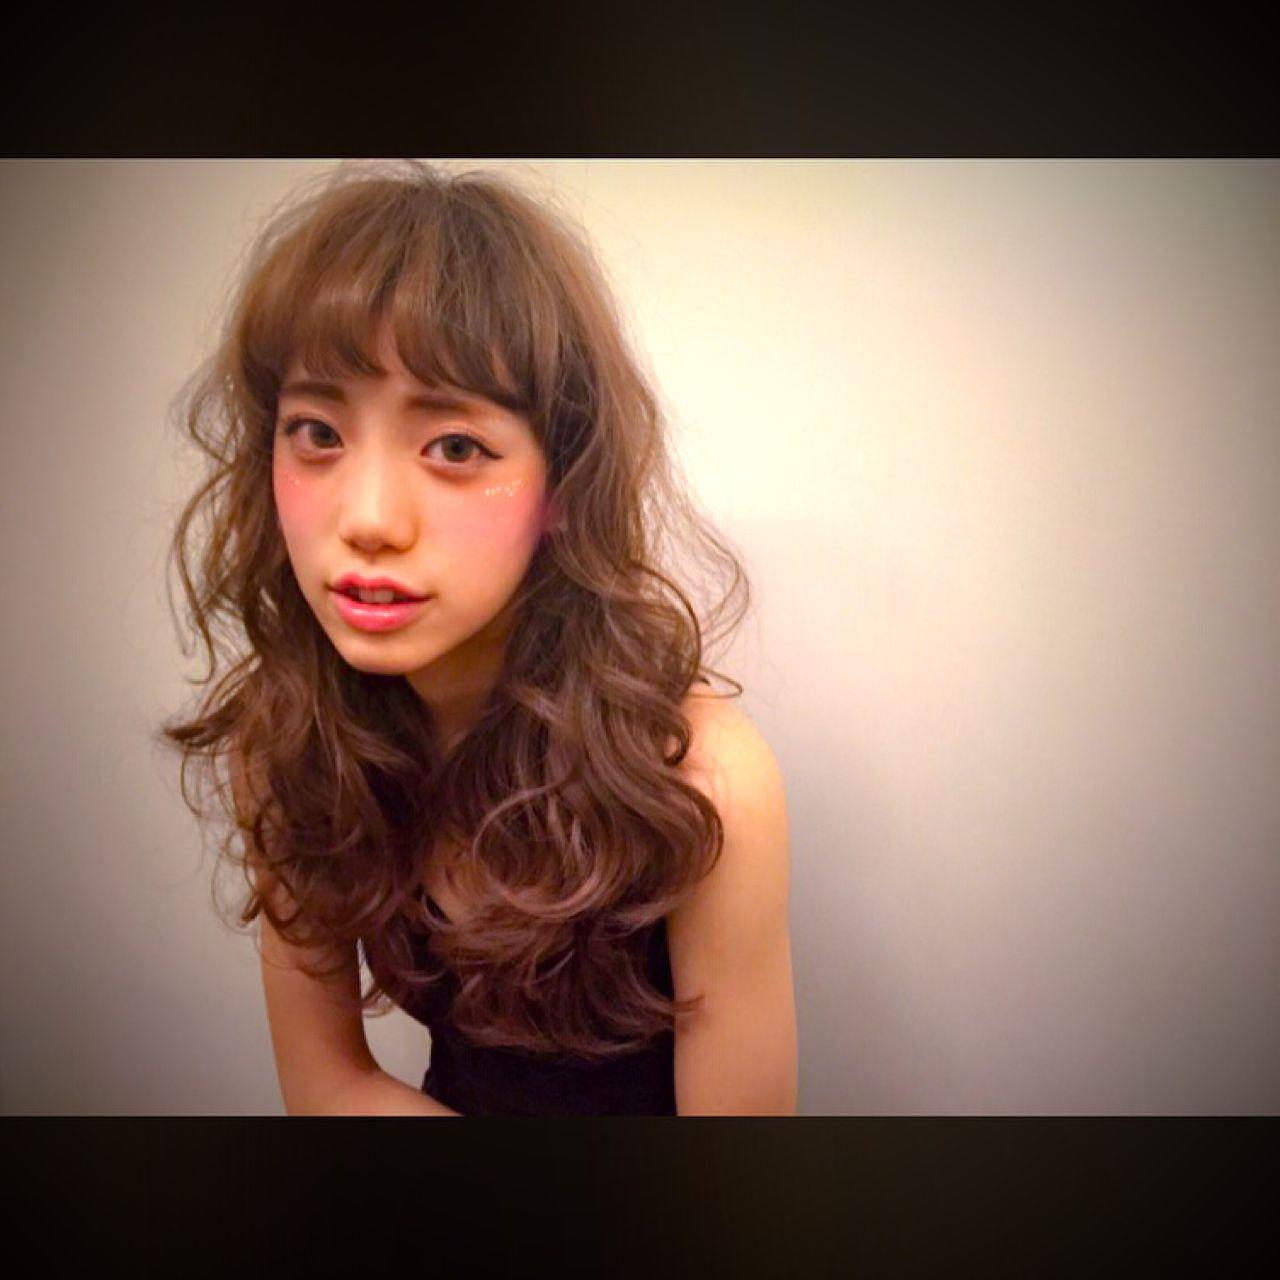 春 ロング ストリート パンク ヘアスタイルや髪型の写真・画像 | 【SHIMA】モチナガヤスヒロ / SHIMA daikanyama